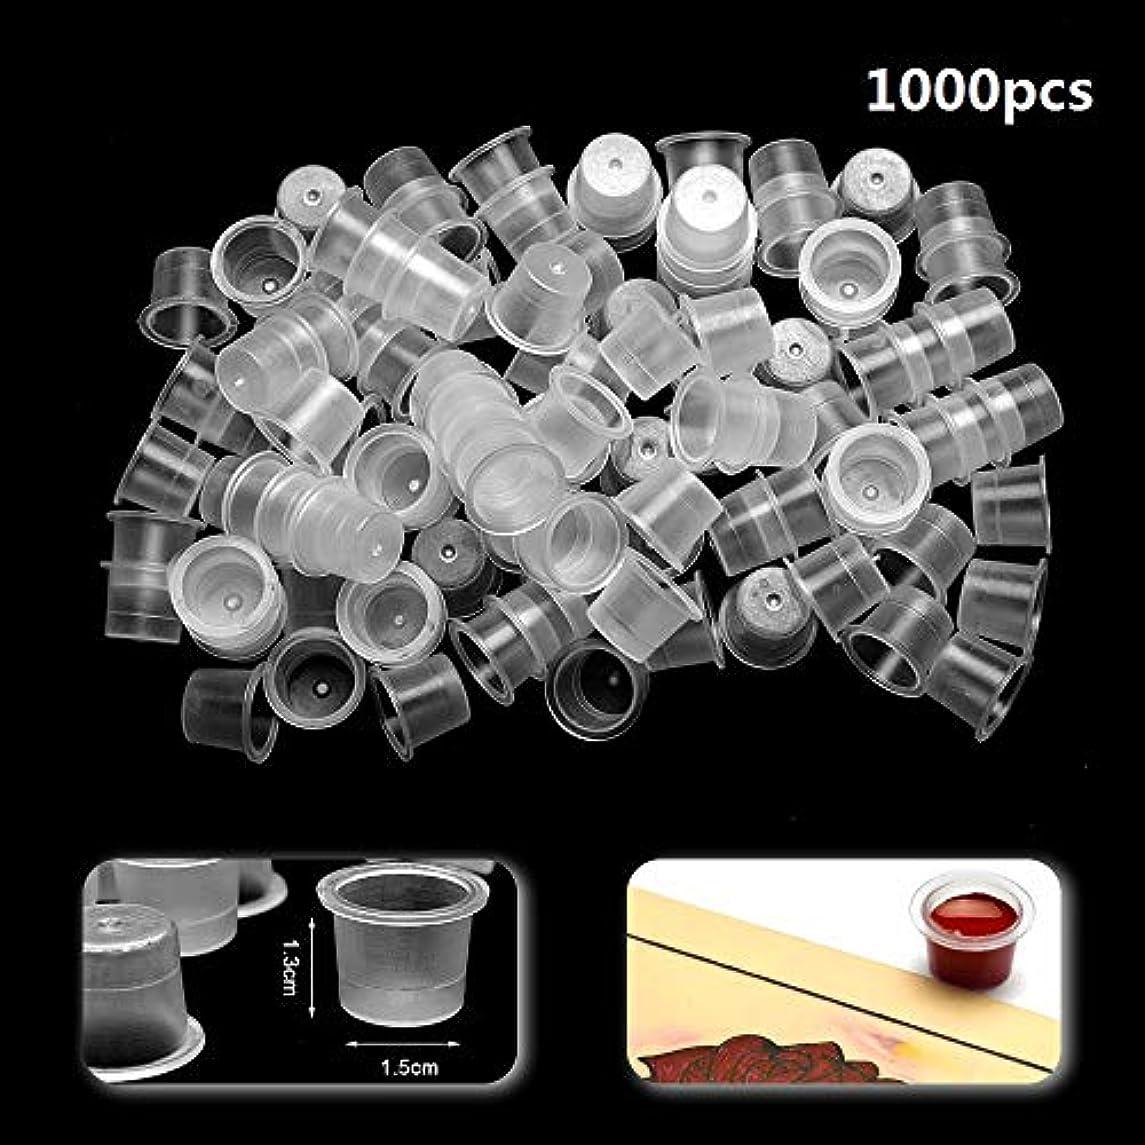 要件ディスカウント複製ATOMUS インクキャップ、タトゥーインクカップ、使い捨て永久的な眉毛入れ墨ピグメントコンテナ、0.8cm 1.3cm 1.5cm 100個-1000個セット (1.5cm 1000pcs)